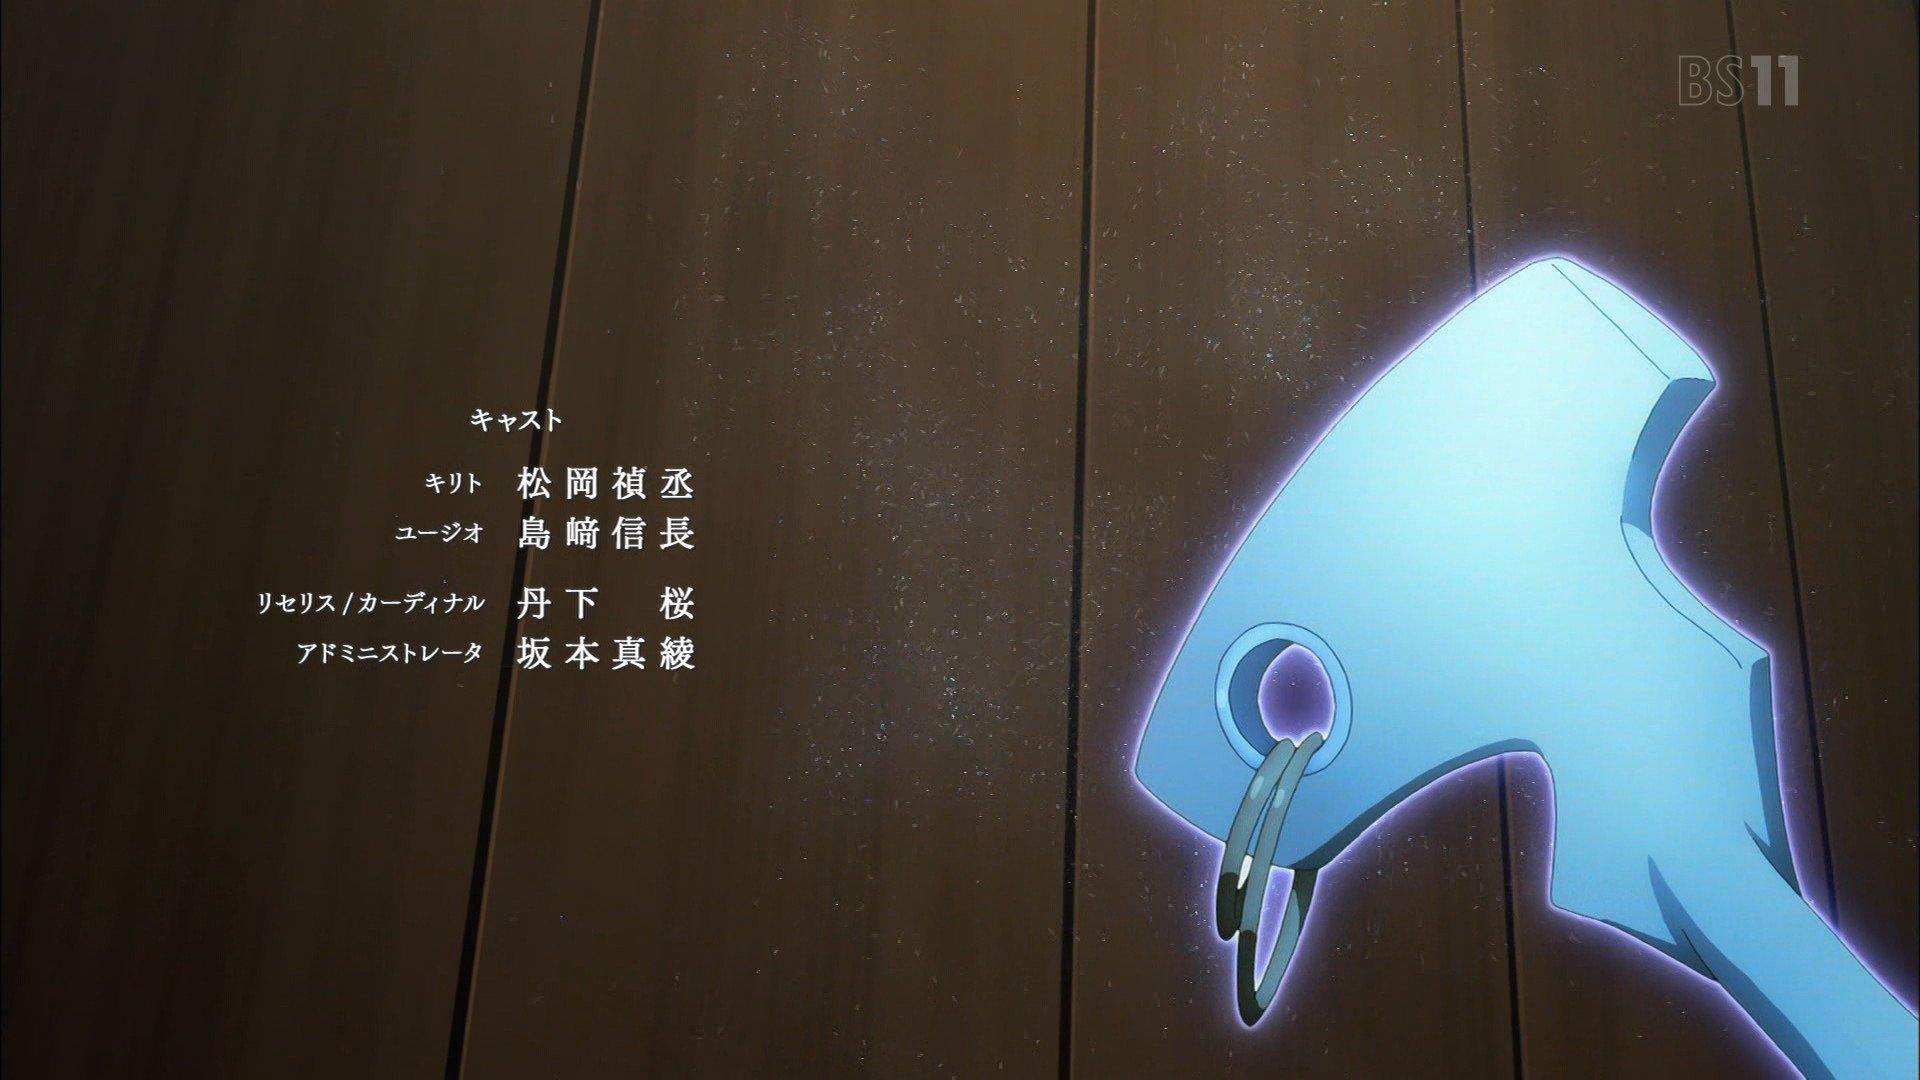 キャスト #SAO_anime #bs11 https://t.co/4uf28Lyxhi